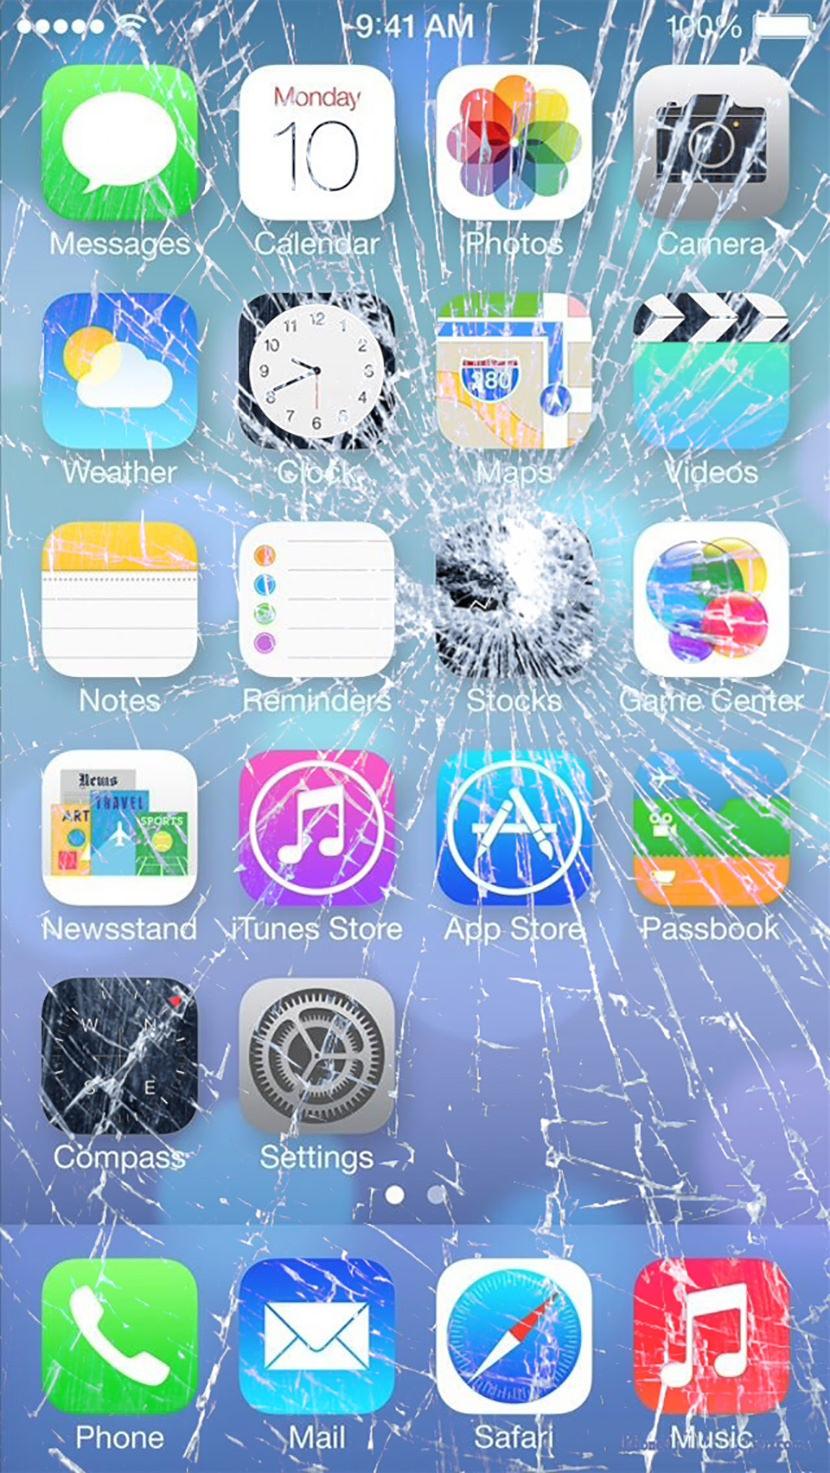 Cracked Iphone Screen Wallpaper Prank Top 10 Best Cracked Screen